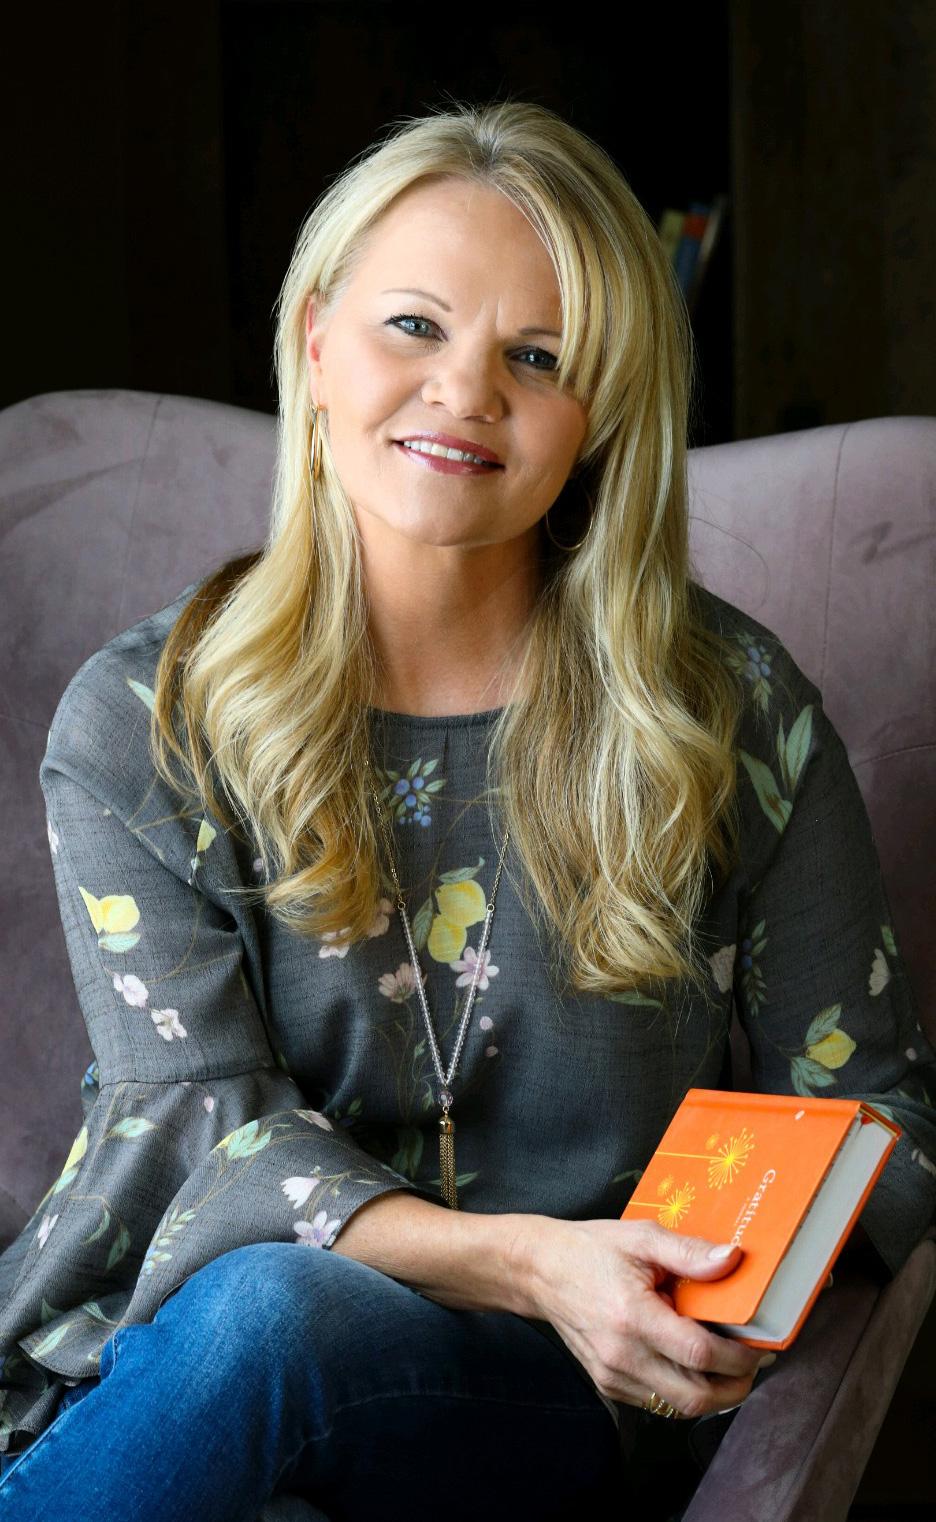 Photo of Shawna Huntley